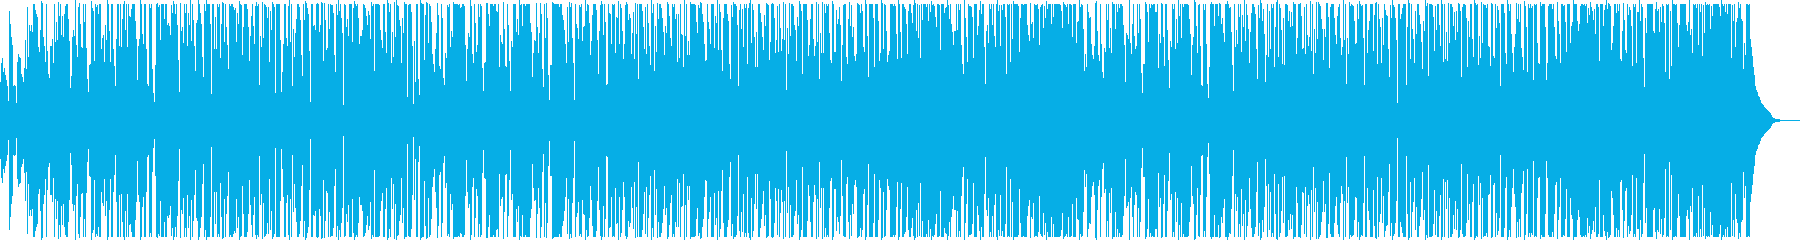 素晴らしいキーボードソロを備えたフ...の再生済みの波形